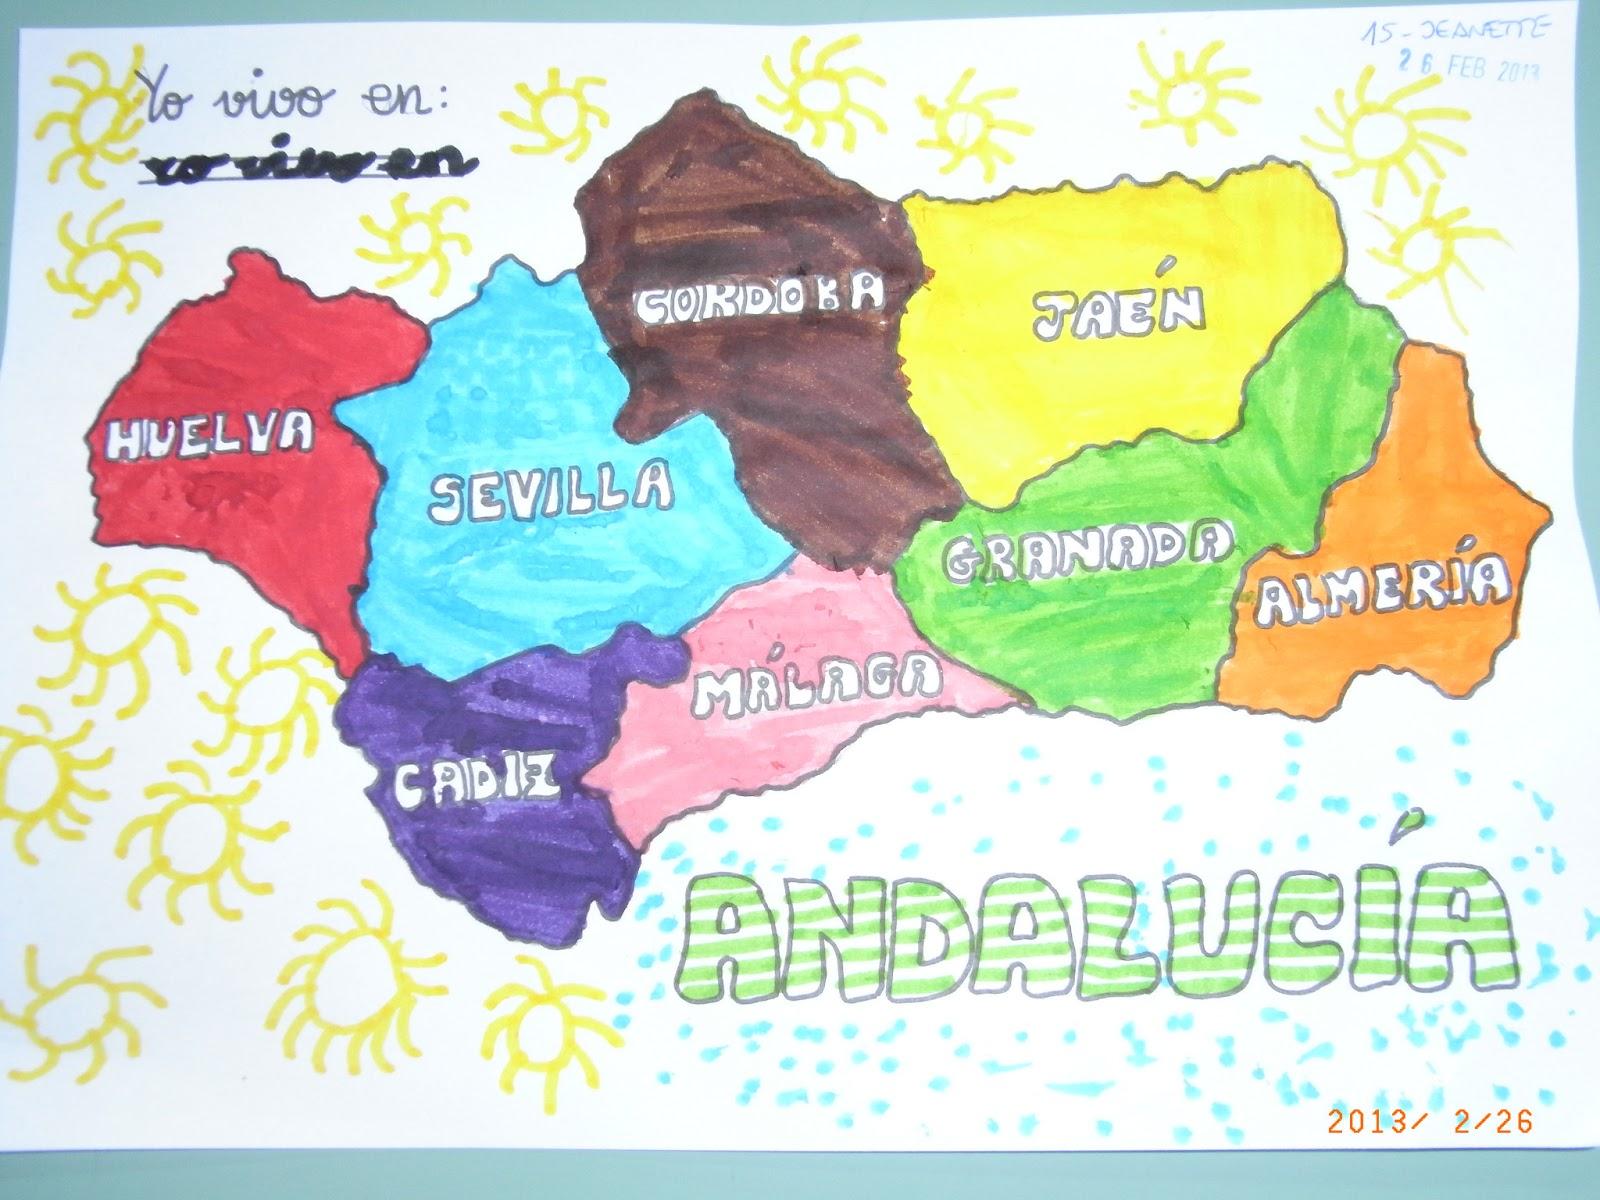 ... CEIP SAN JOSÉ DE CALASANZ (Huércal-Overa): Día de Andalucía williamhill aktie forum